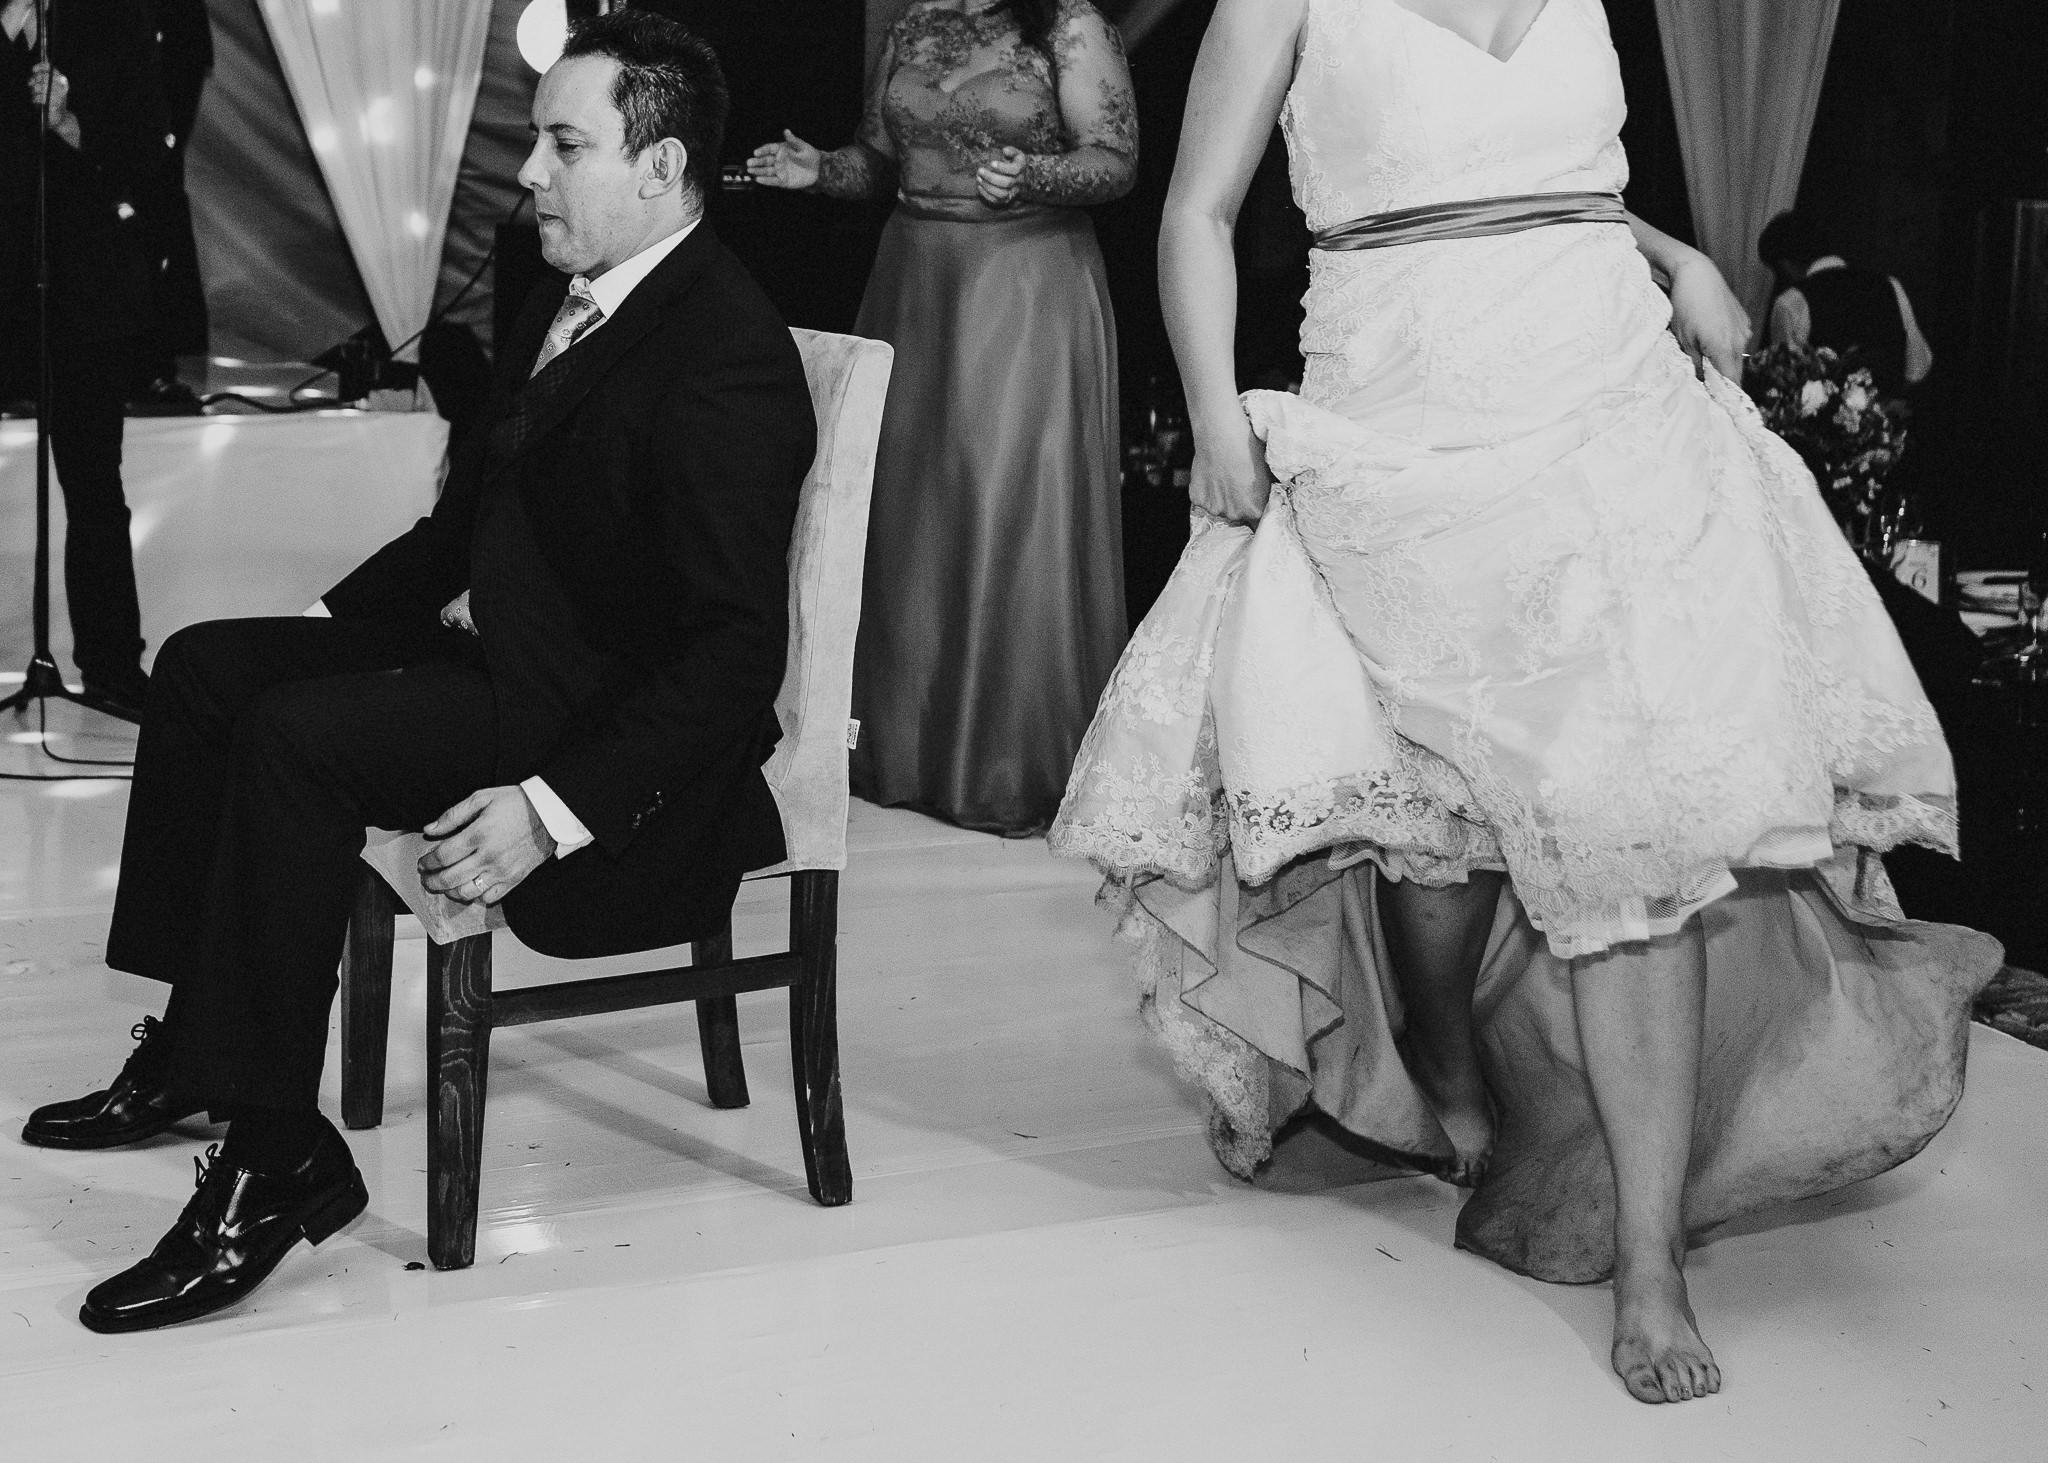 03boda-en-jardin-wedding-hacienda-los-cuartos-fotografo-luis-houdin109